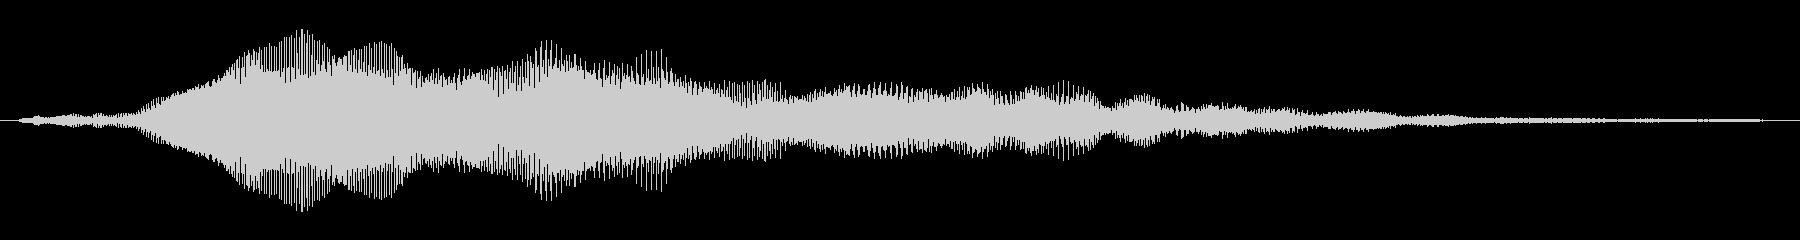 鋭い 鳴っているバズブリター01の未再生の波形